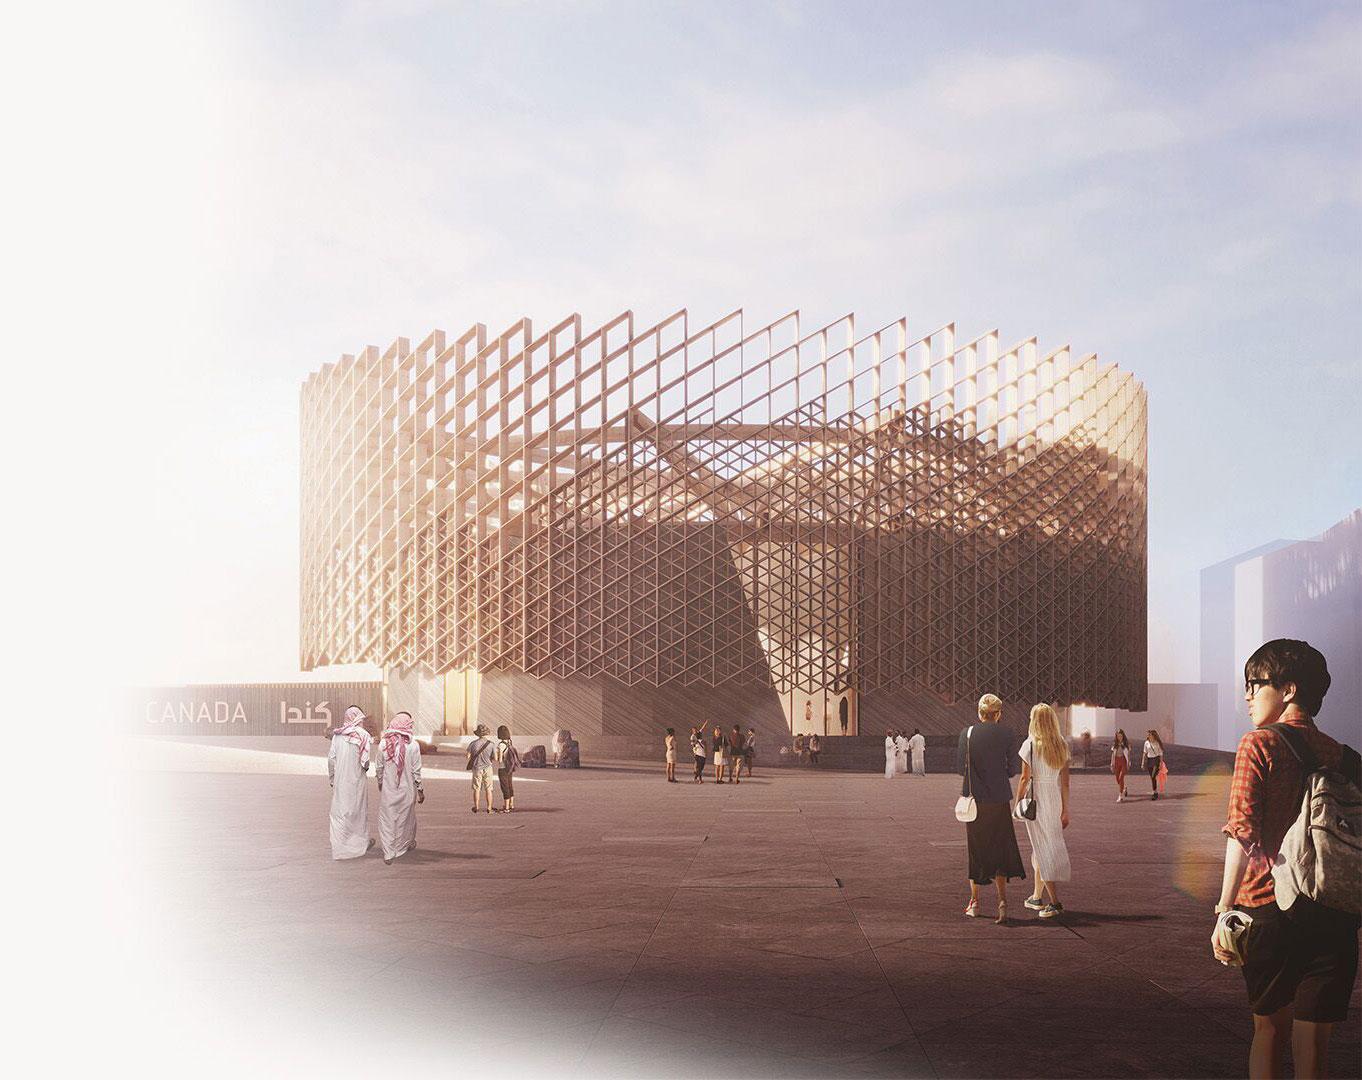 Expo 2020 Dubai Canada